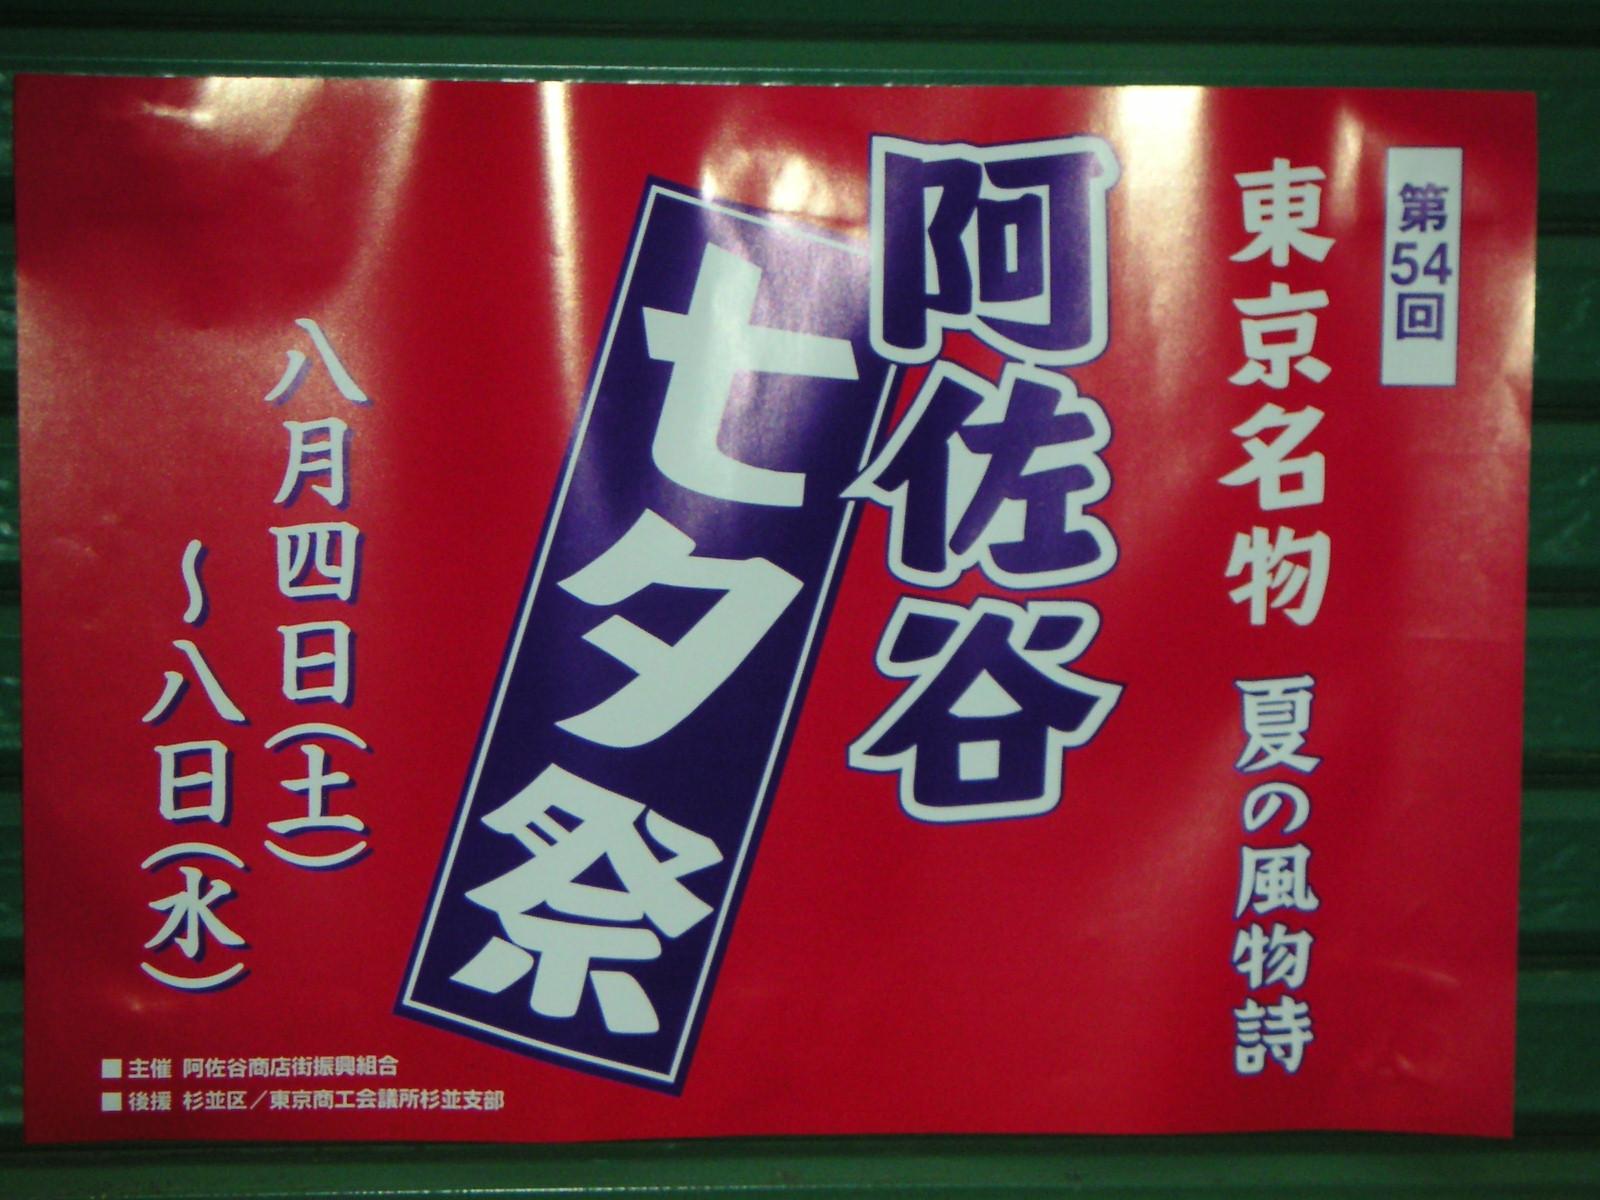 東京名物 『 阿佐ヶ谷 七夕祭 』_d0035245_1520397.jpg